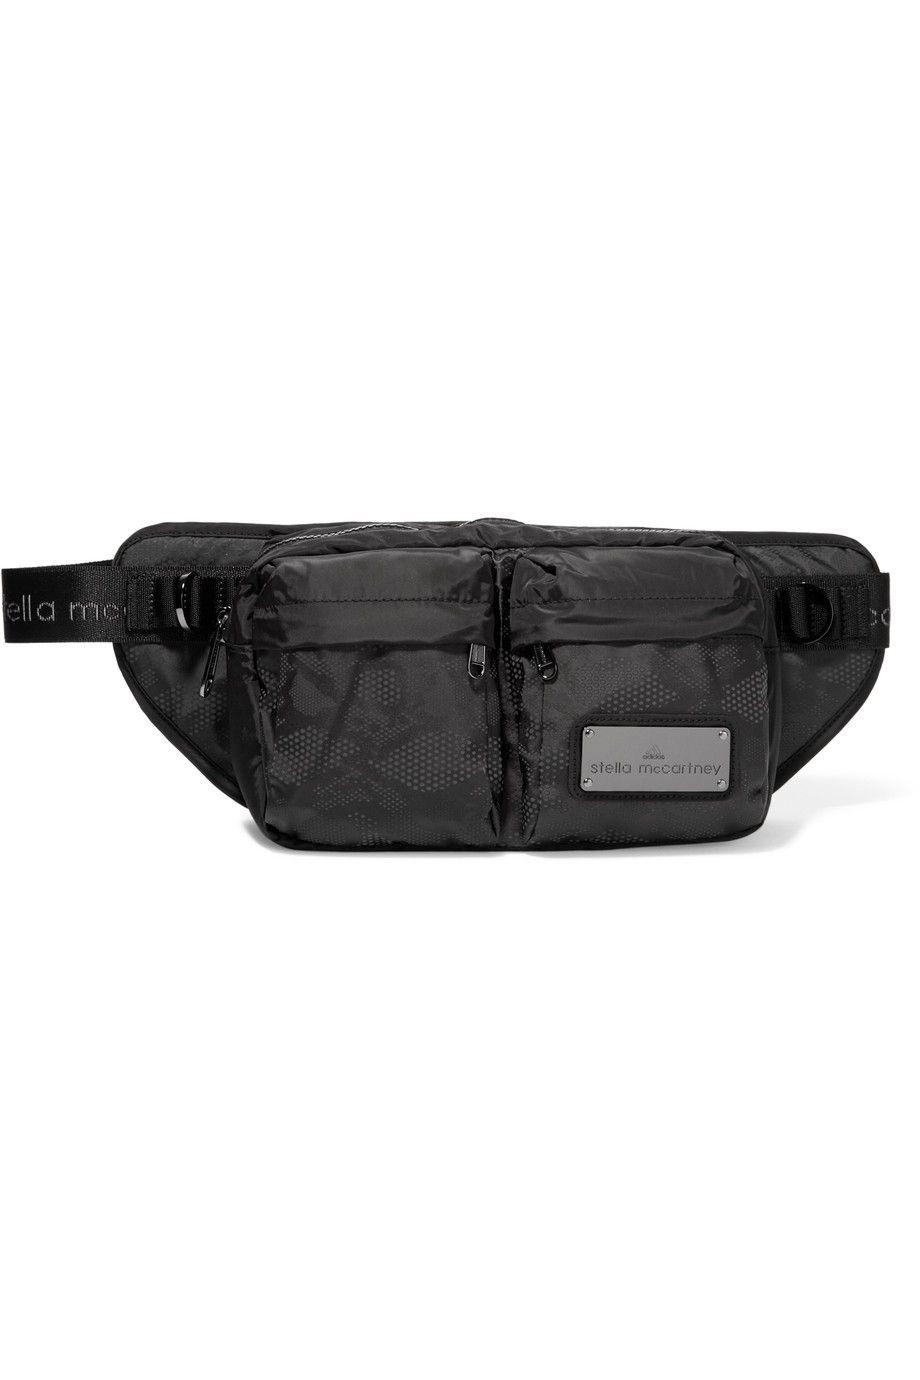 8aabe3b553 ADIDAS BY STELLA MCCARTNEY Printed Shell Belt Bag.  adidasbystellamccartney   bags  belt bags